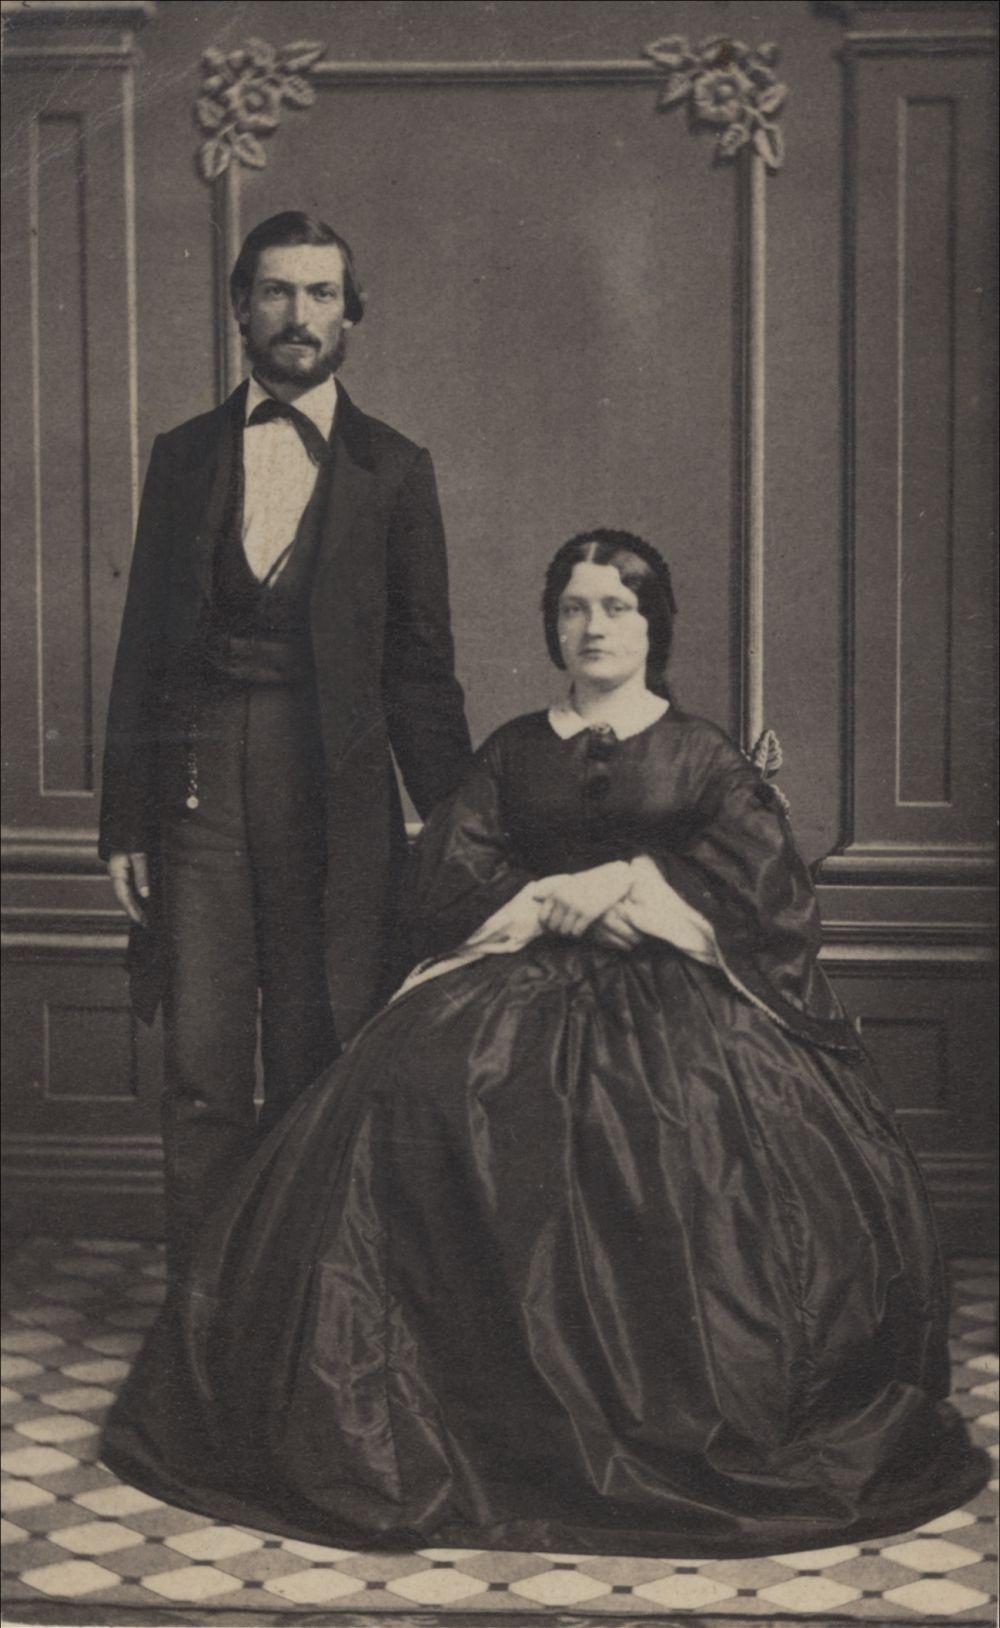 Albert Howell Horton & wife